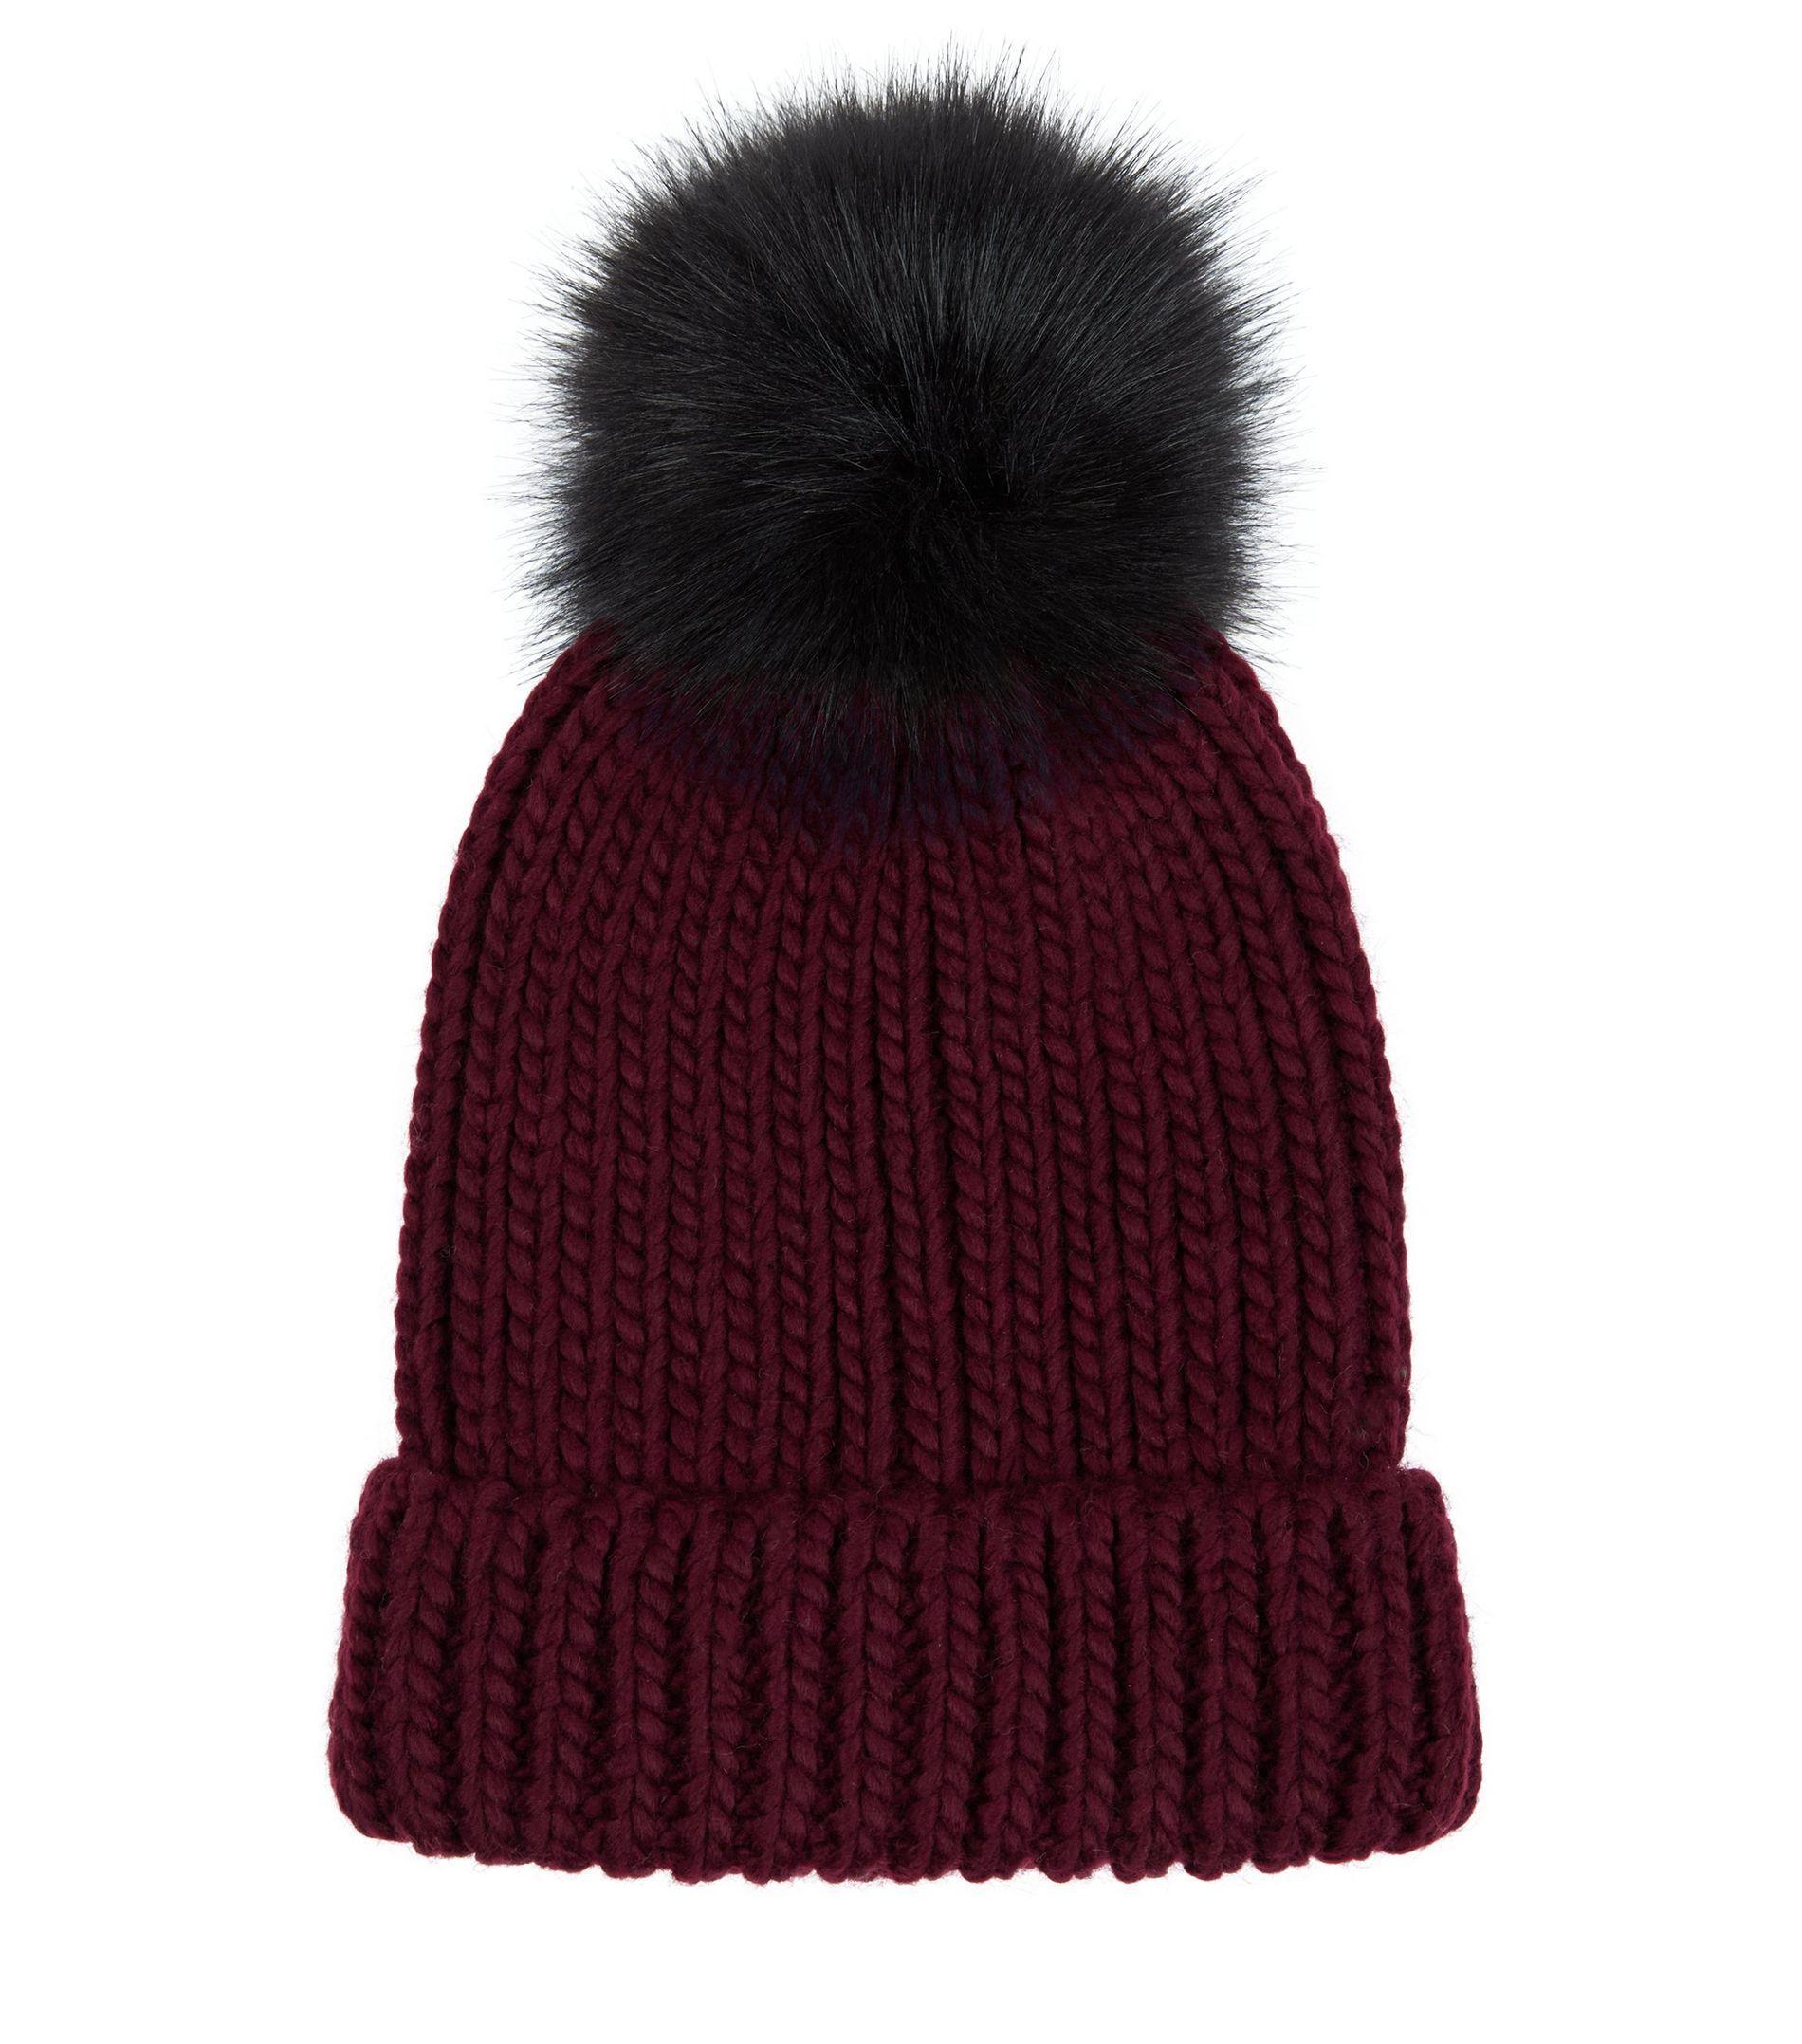 8e551ce56581e New Look Burgundy Faux Fur Pom Pom Hat in Purple - Lyst